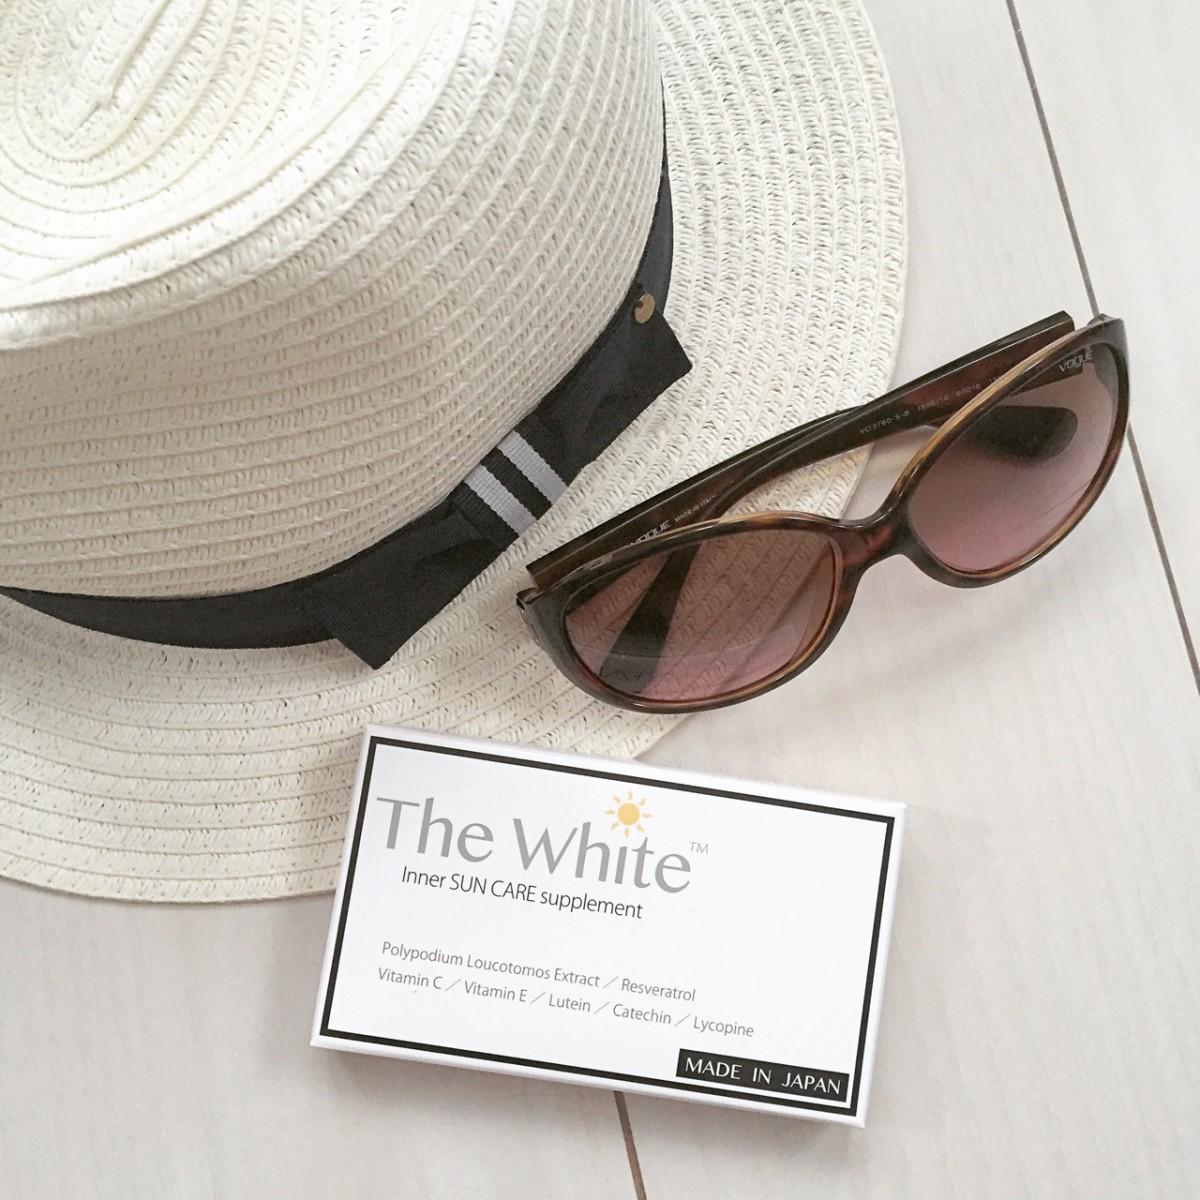 日焼け知らずになれる!塗り直しの必要なし!飲む日焼け止めで紫外線対策。